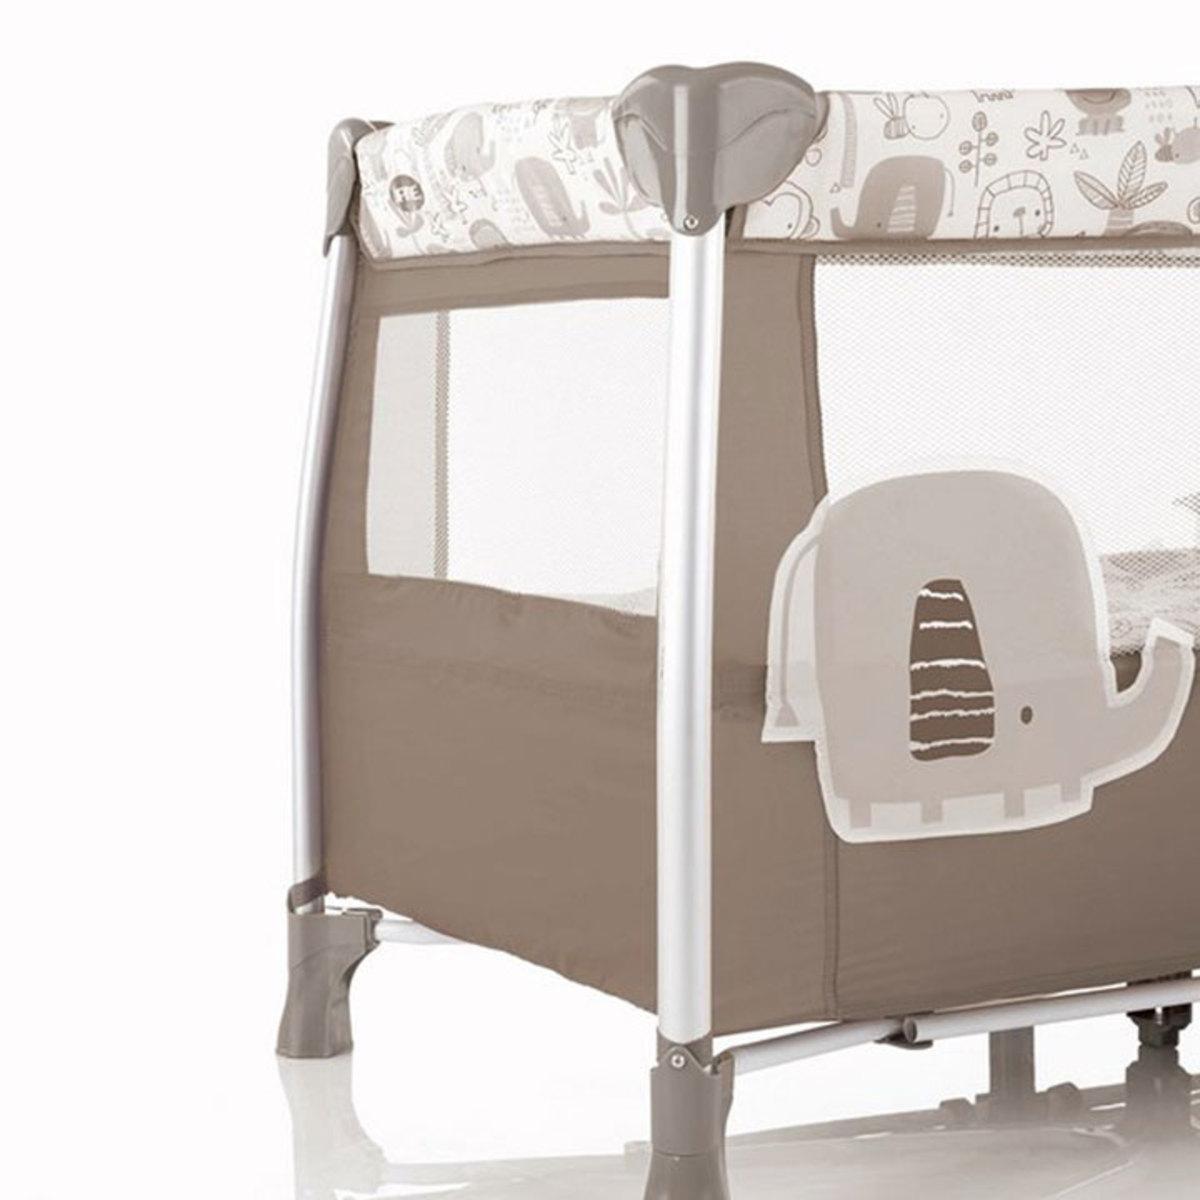 jan lit pliant bi positions duo level toys alu arche de jeux jungle lit parapluie jan. Black Bedroom Furniture Sets. Home Design Ideas